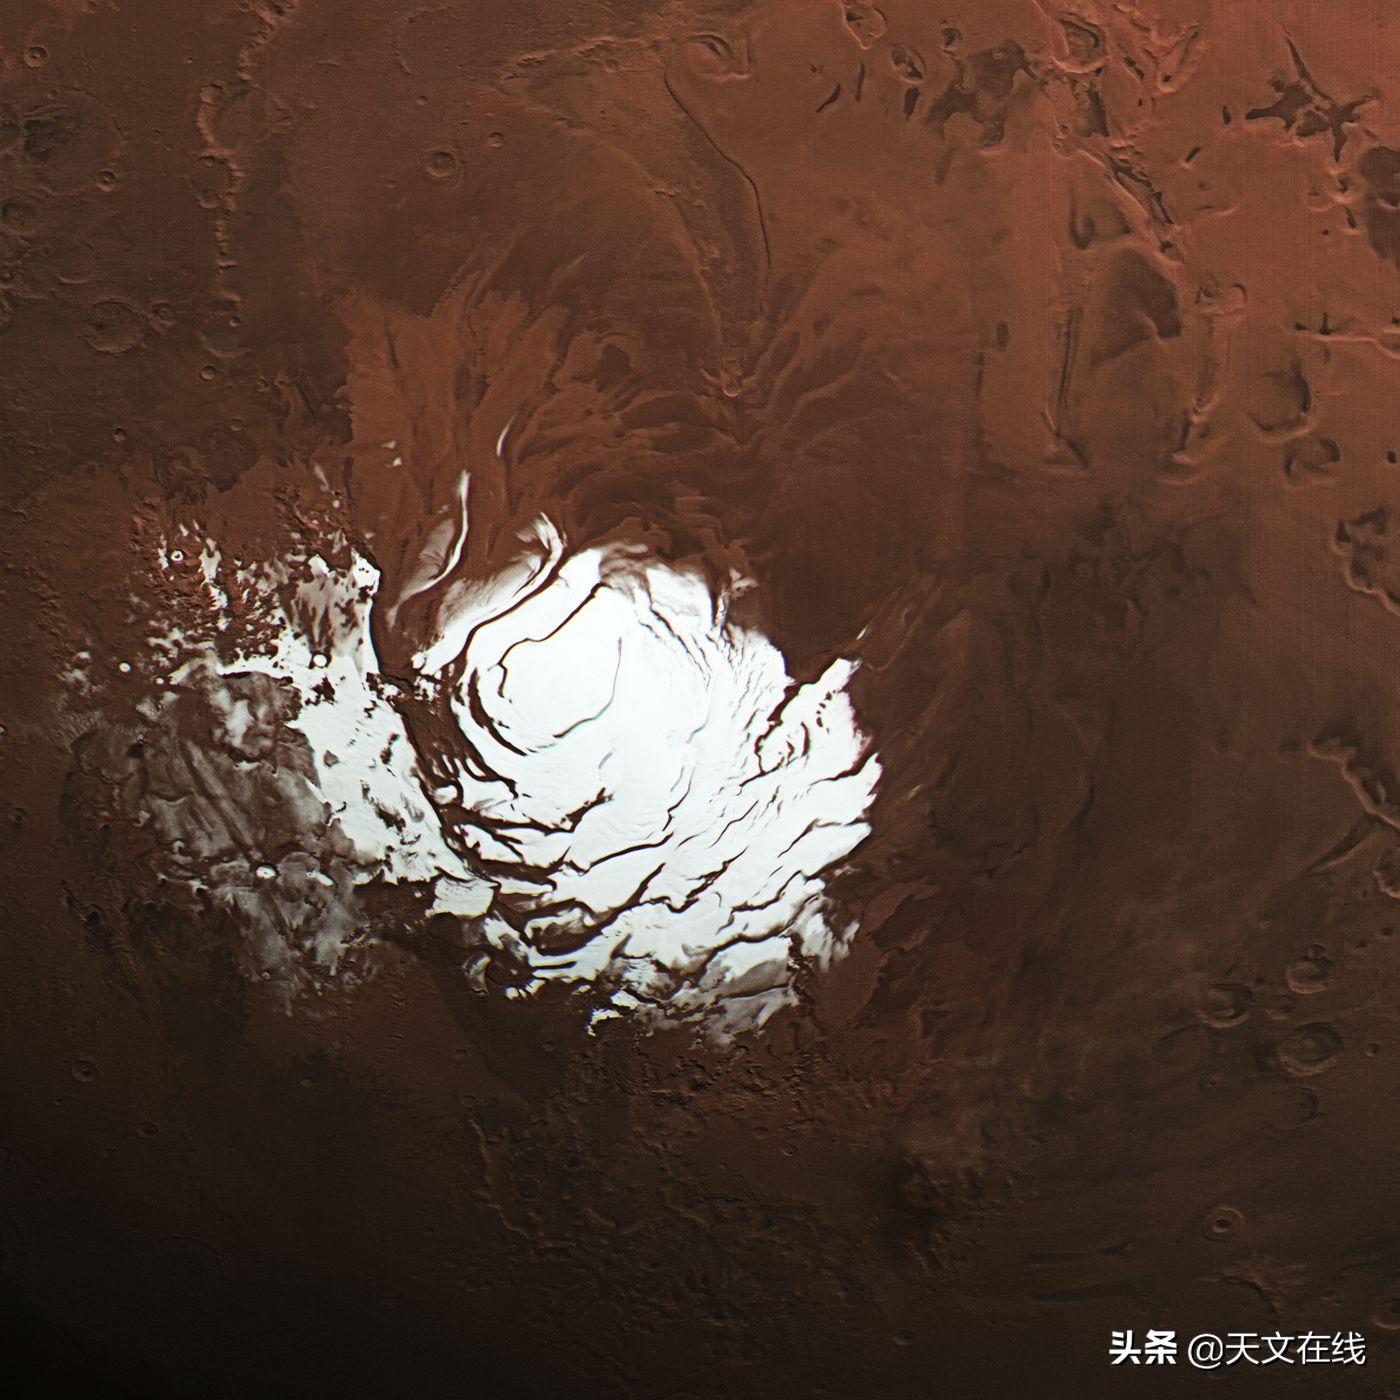 今天的火星上是否存在水?季节性盐水或许能告诉我们答案